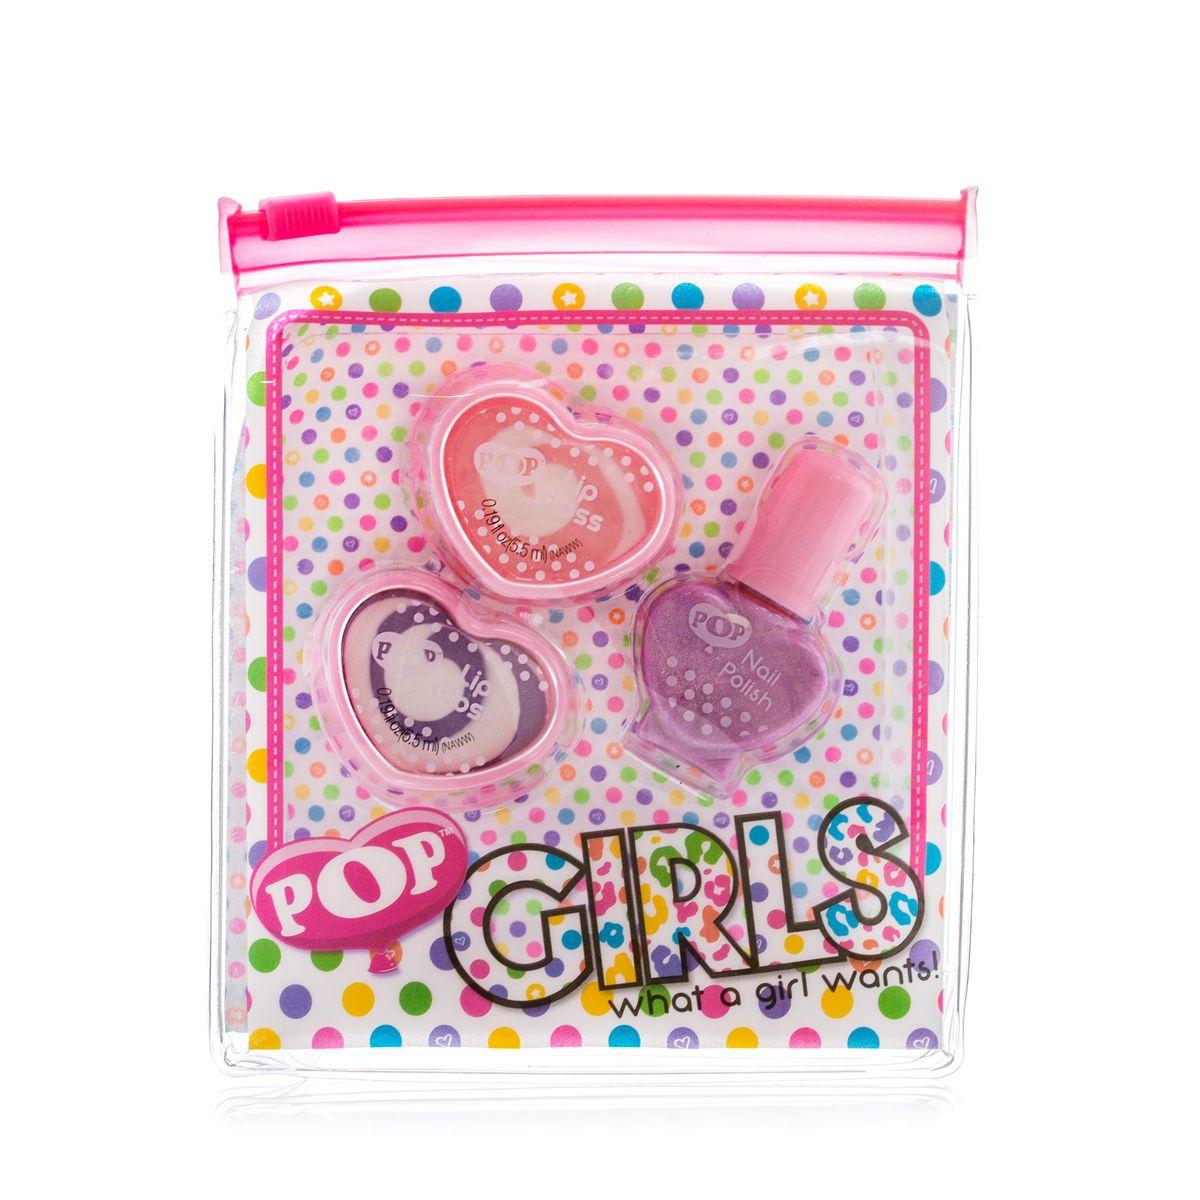 Markwins Игровой набор детской декоративной косметики для губ и ногтей POP 36050511301210Состав набора: блески для губ в баночках 2 шт., лак на водной основе для ногтей 1 шт.